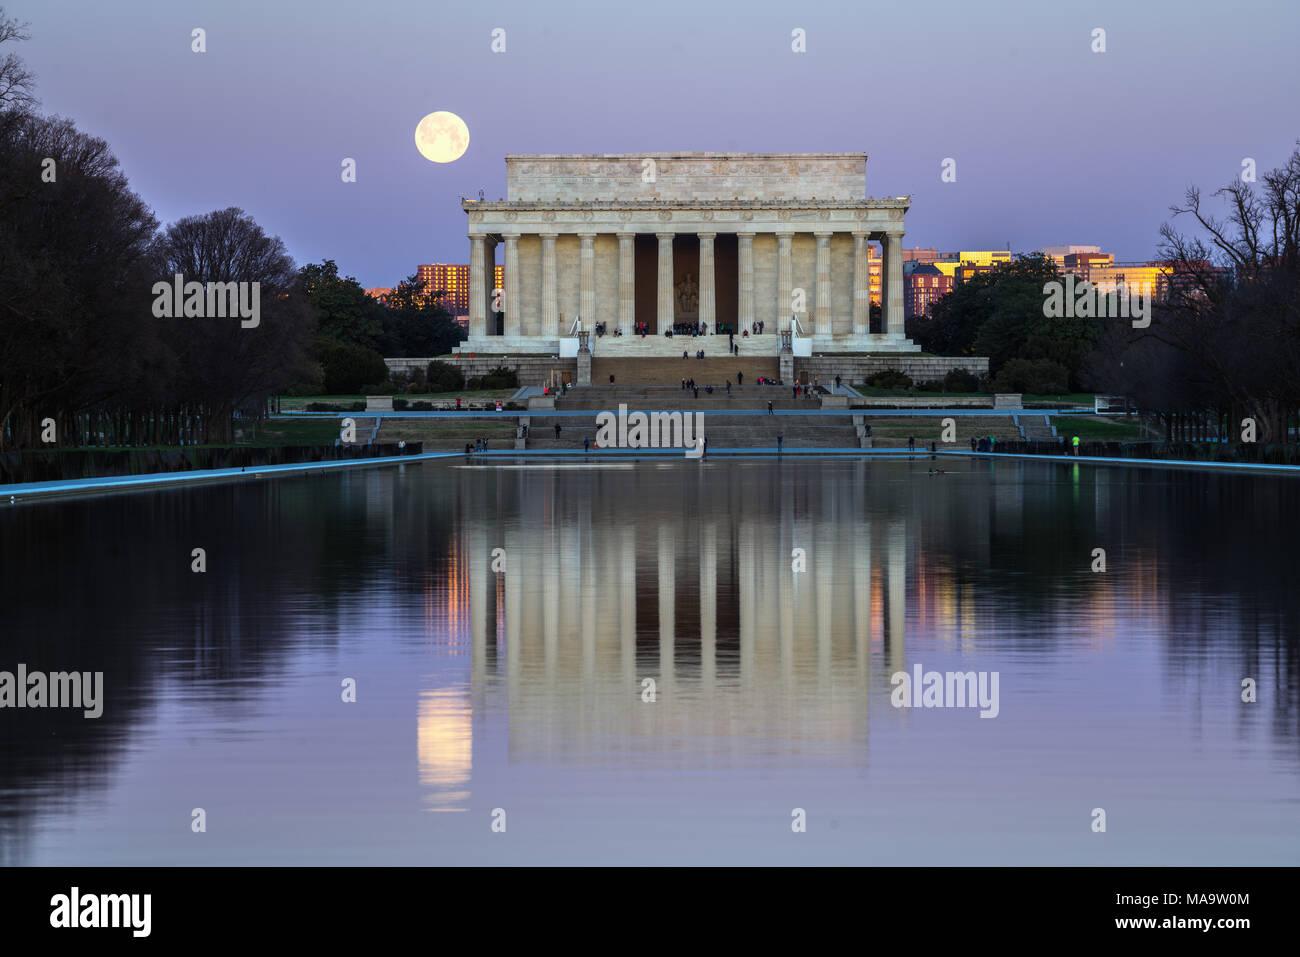 Washington DC, Stati Uniti d'America, 31 Mar 2018. Full Blue Moon impostazione accanto al Lincoln Memorial. Credito: Xavier Ascanio/Alamy Live NewsWashington DC, Stati Uniti d'America, 31 Mar 2018. Credito: Xavier Ascanio/Alamy Live News Foto Stock